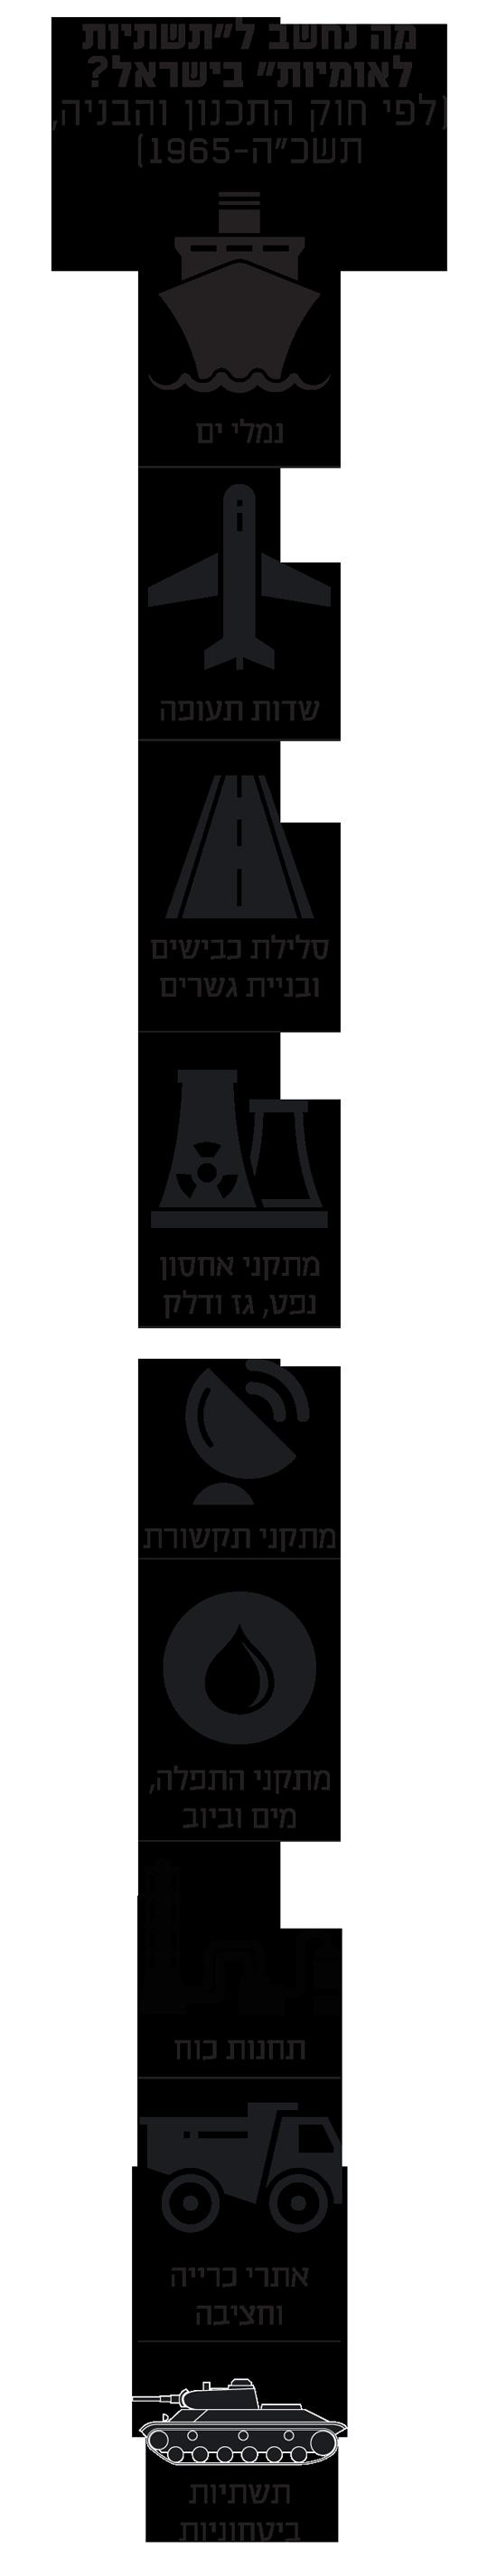 """מה נחשב ל""""תשתיות לאומיות"""" בישראל?"""